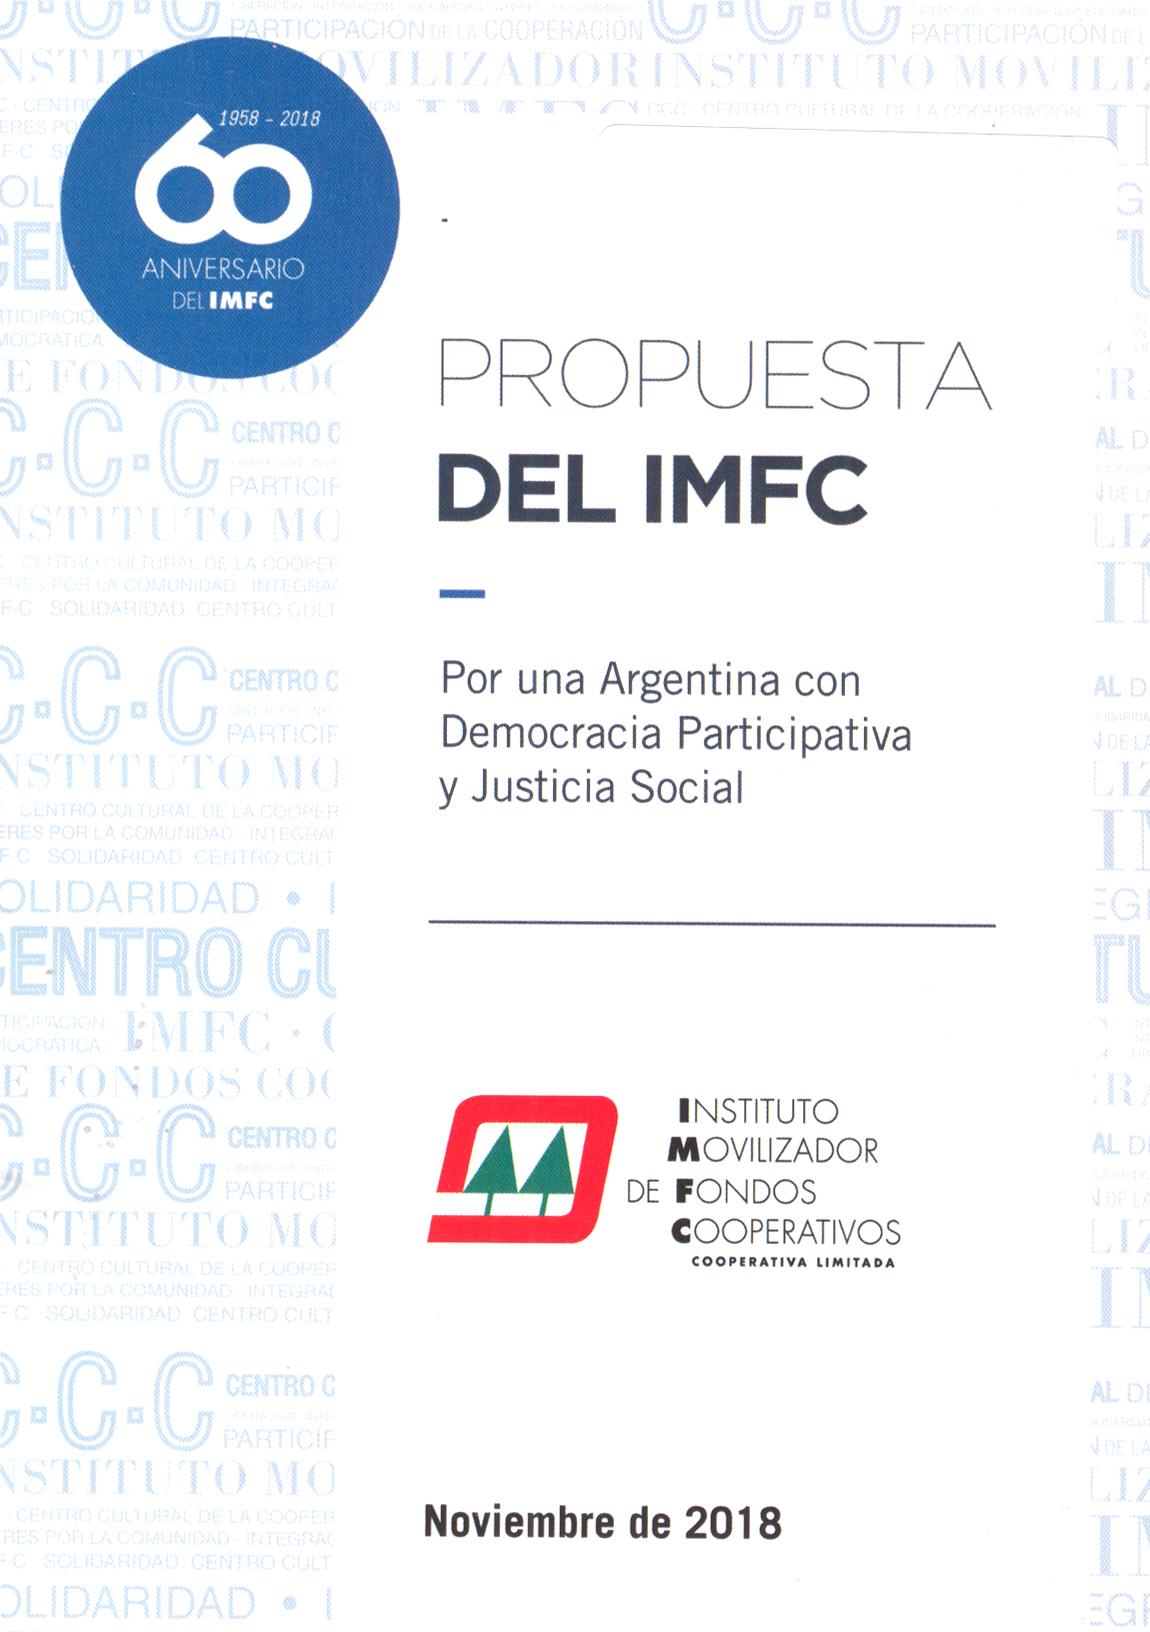 TAPA PROPUESTA DEL IMFC 11 2018